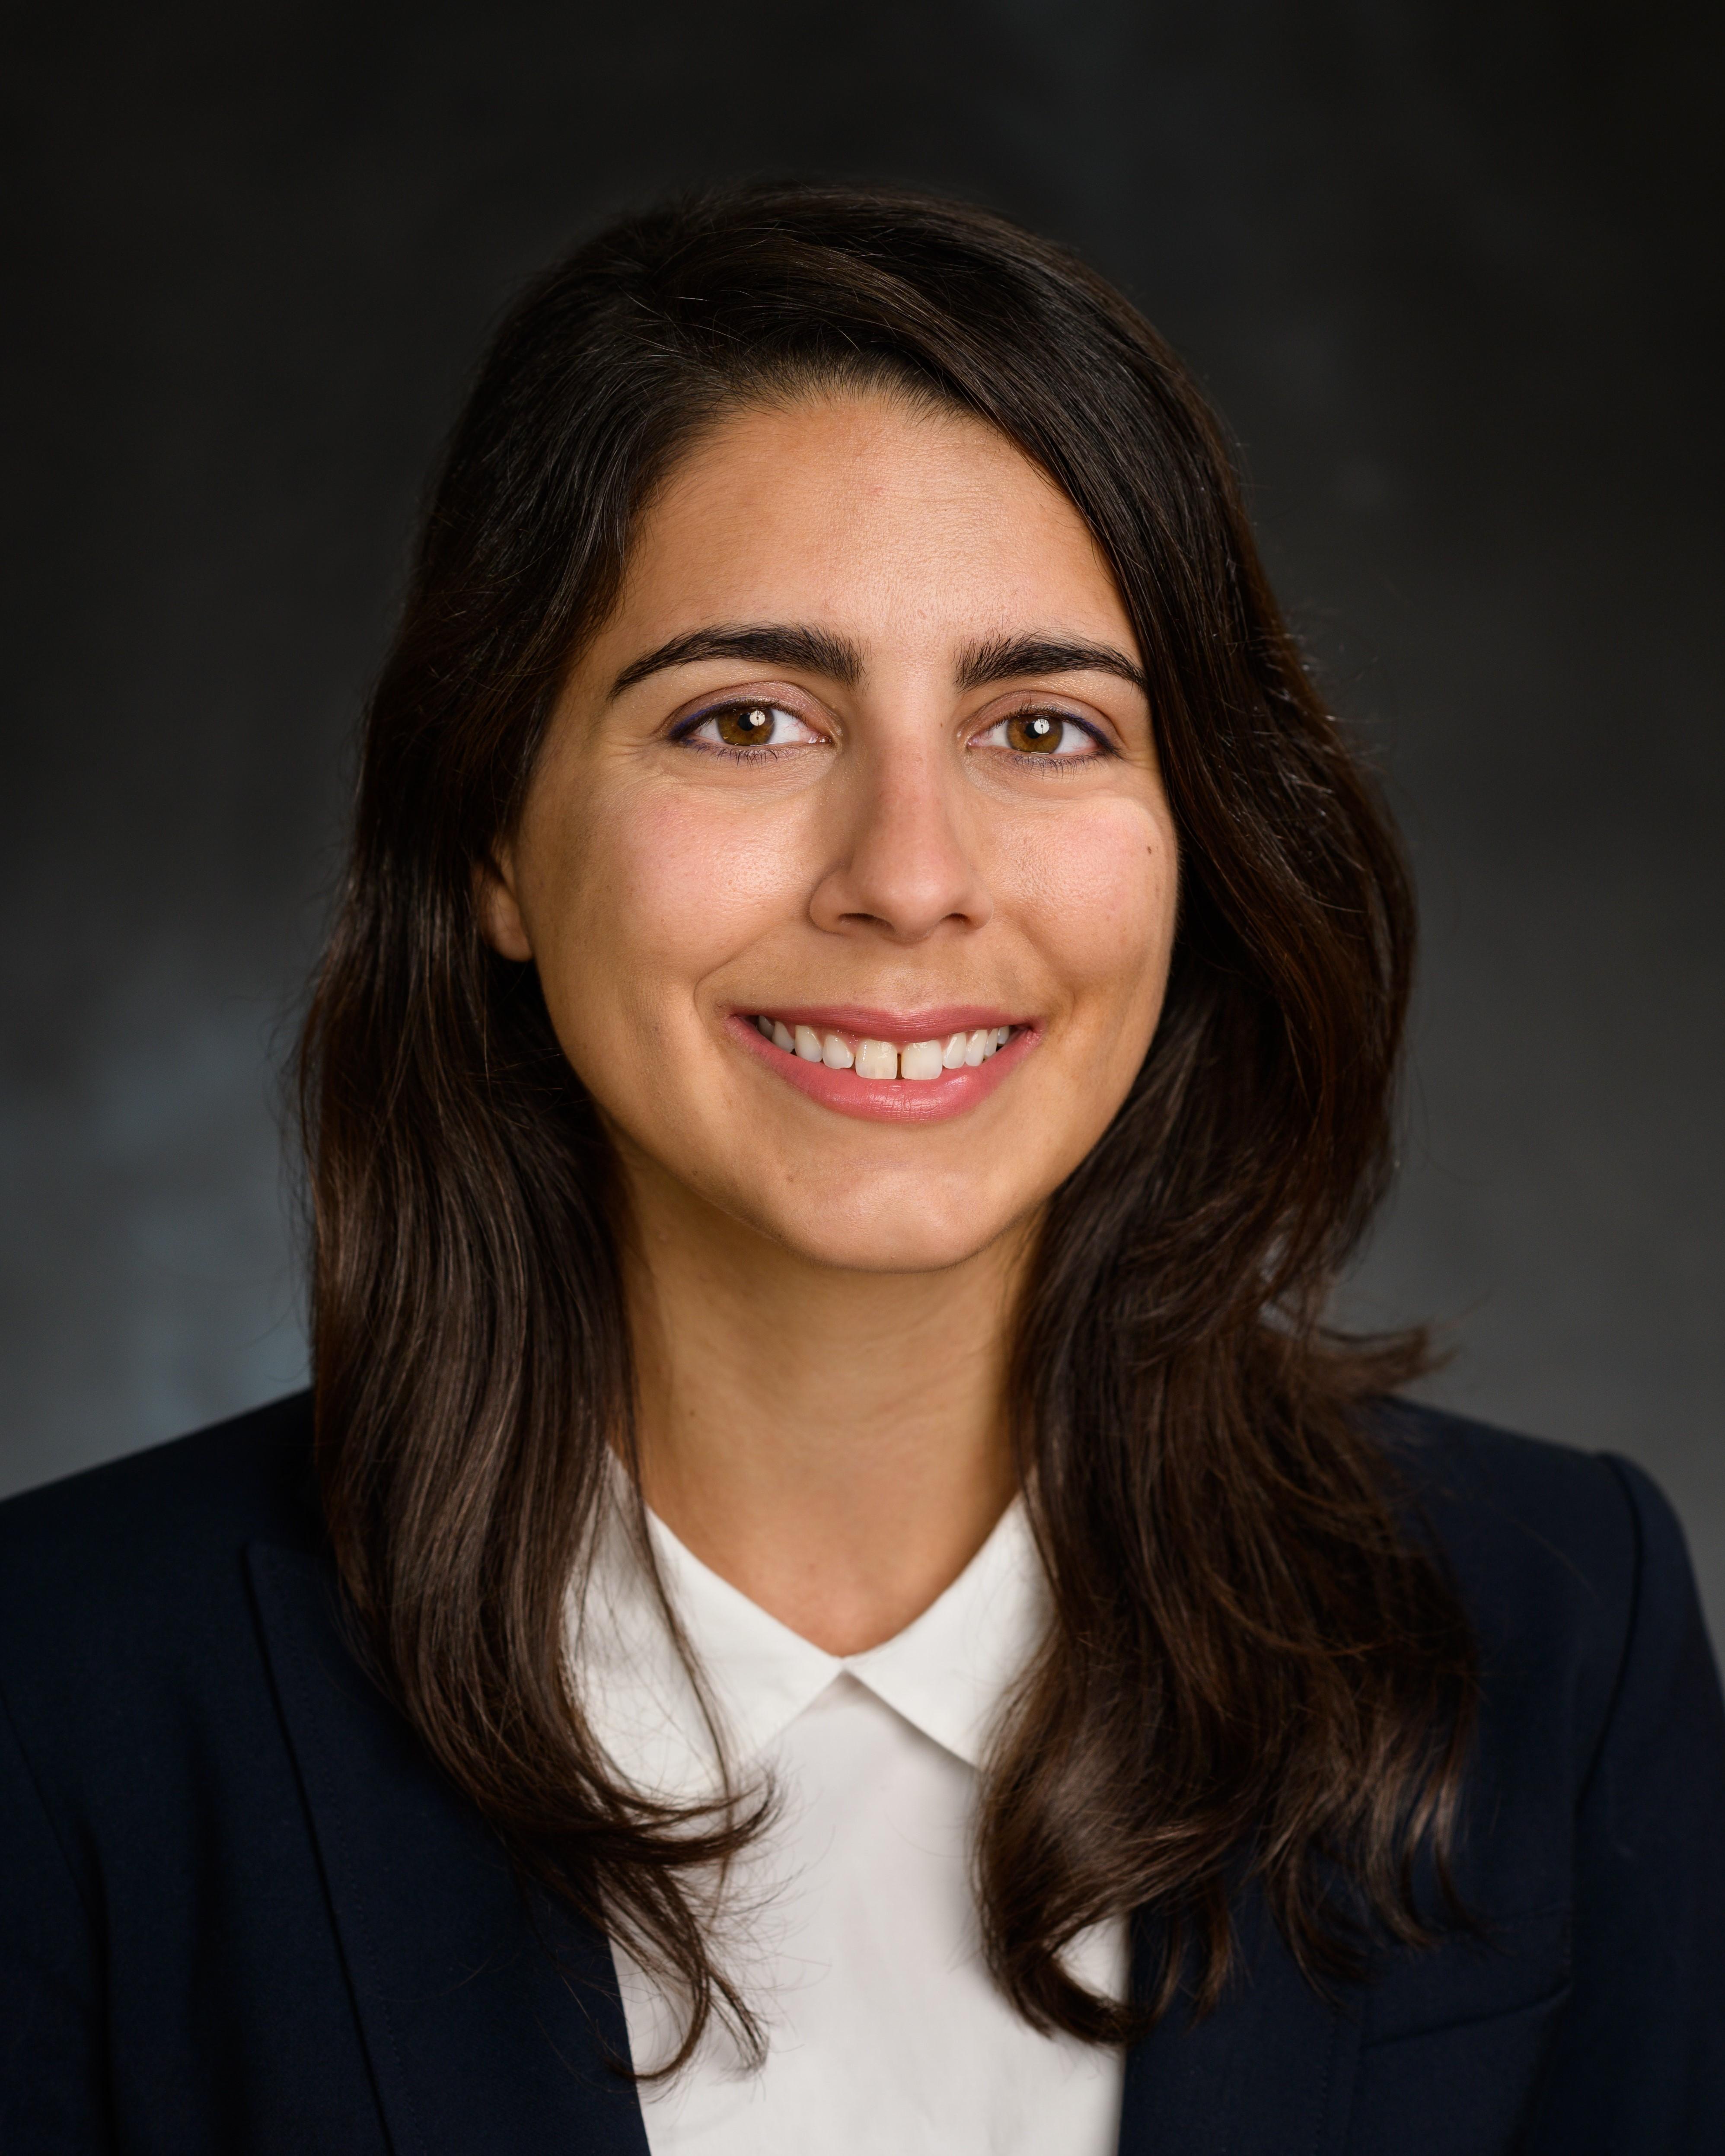 Dr. Antonia Zaferiou